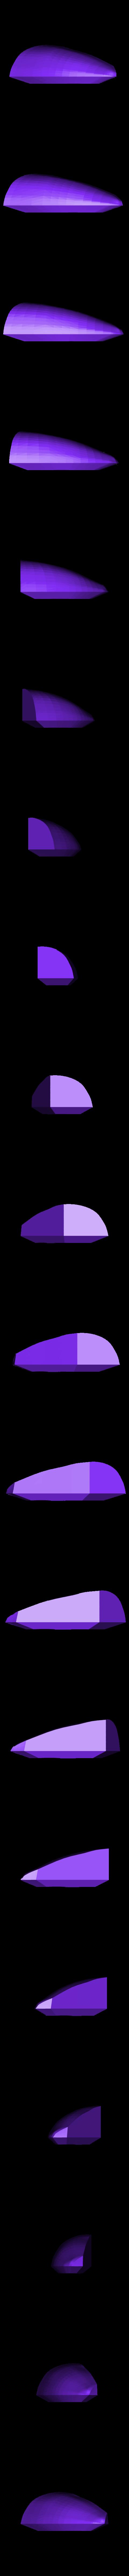 Lightcycle_Window_Left.STL Télécharger fichier STL gratuit Kit modèle Lightcycle • Objet pour impression 3D, billythemighty3Dprinter